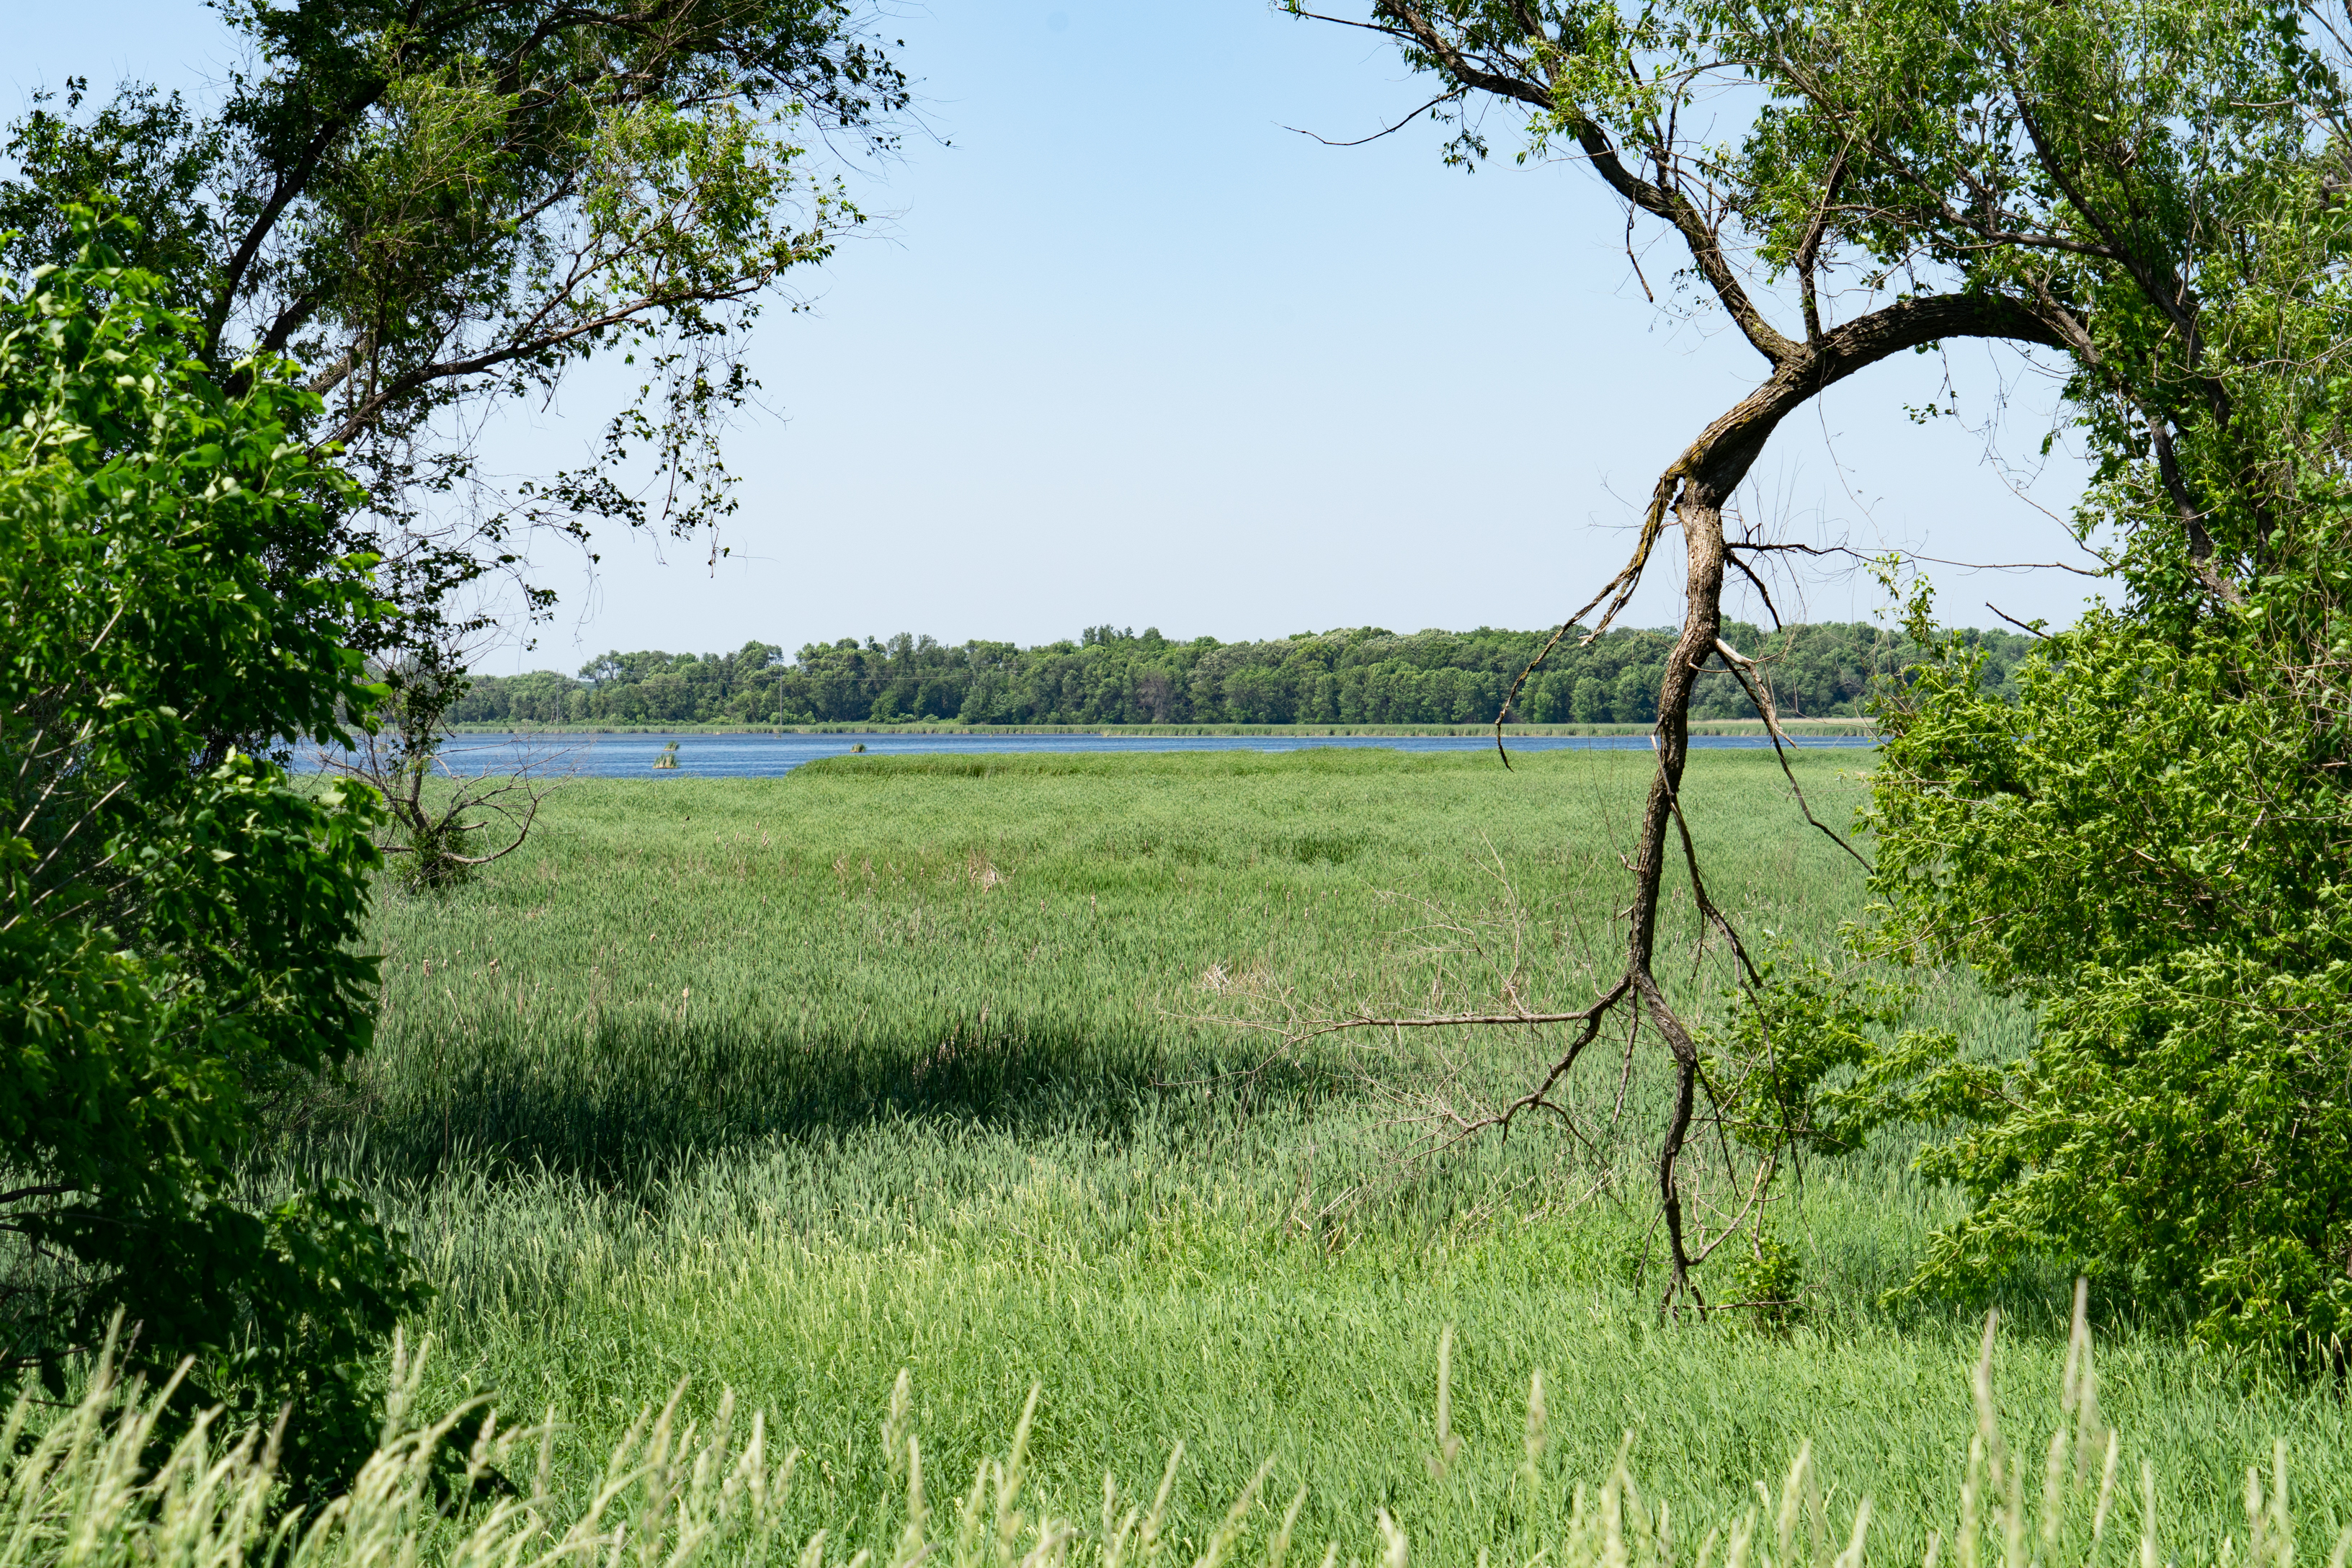 Vegetation along shoreland - June 2020